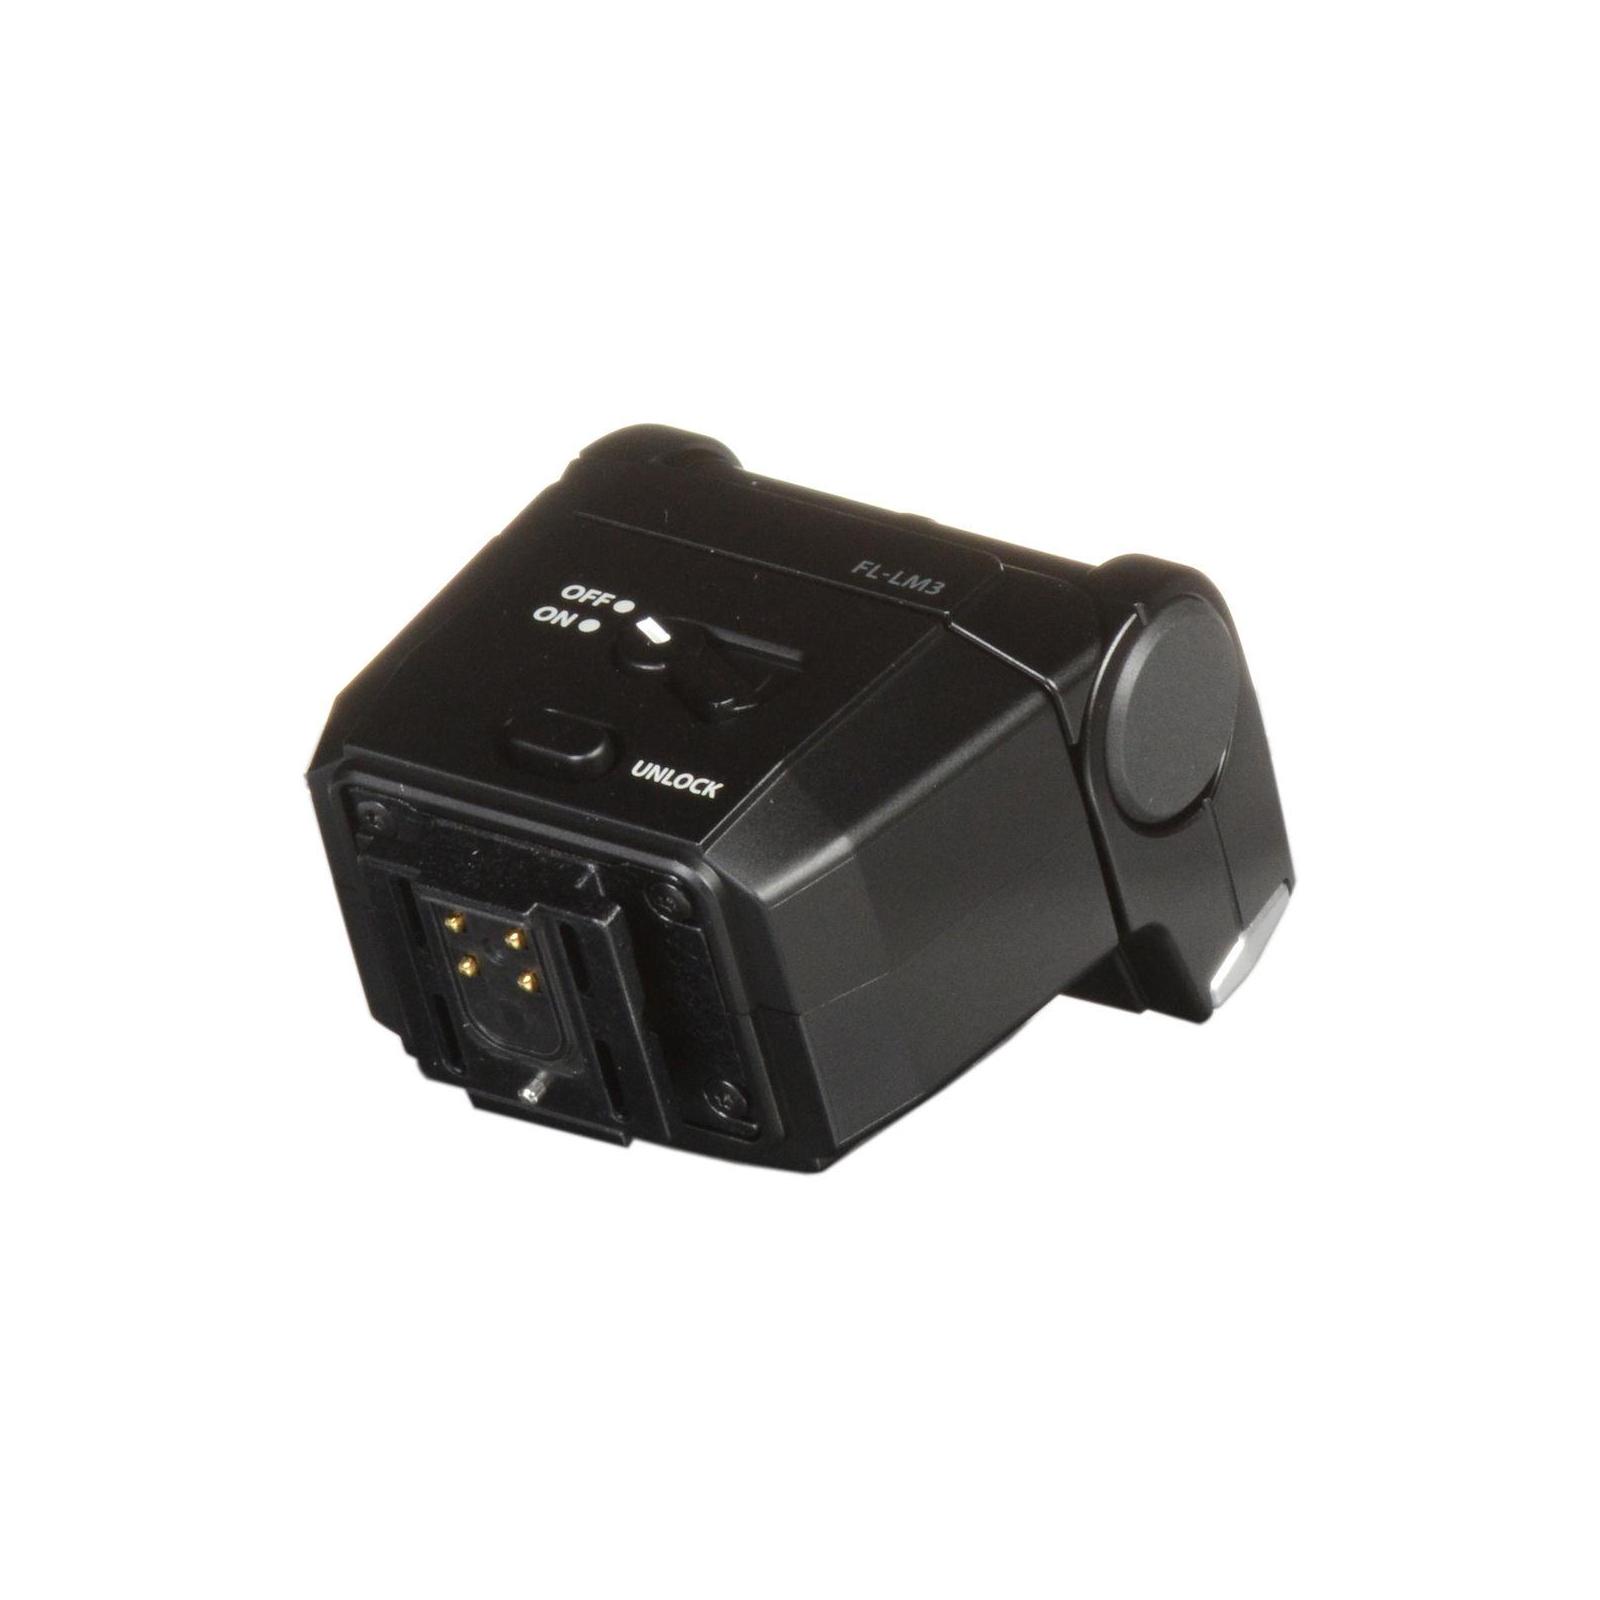 Вспышка Olympus FL-LM3 (V326150BW000) изображение 4